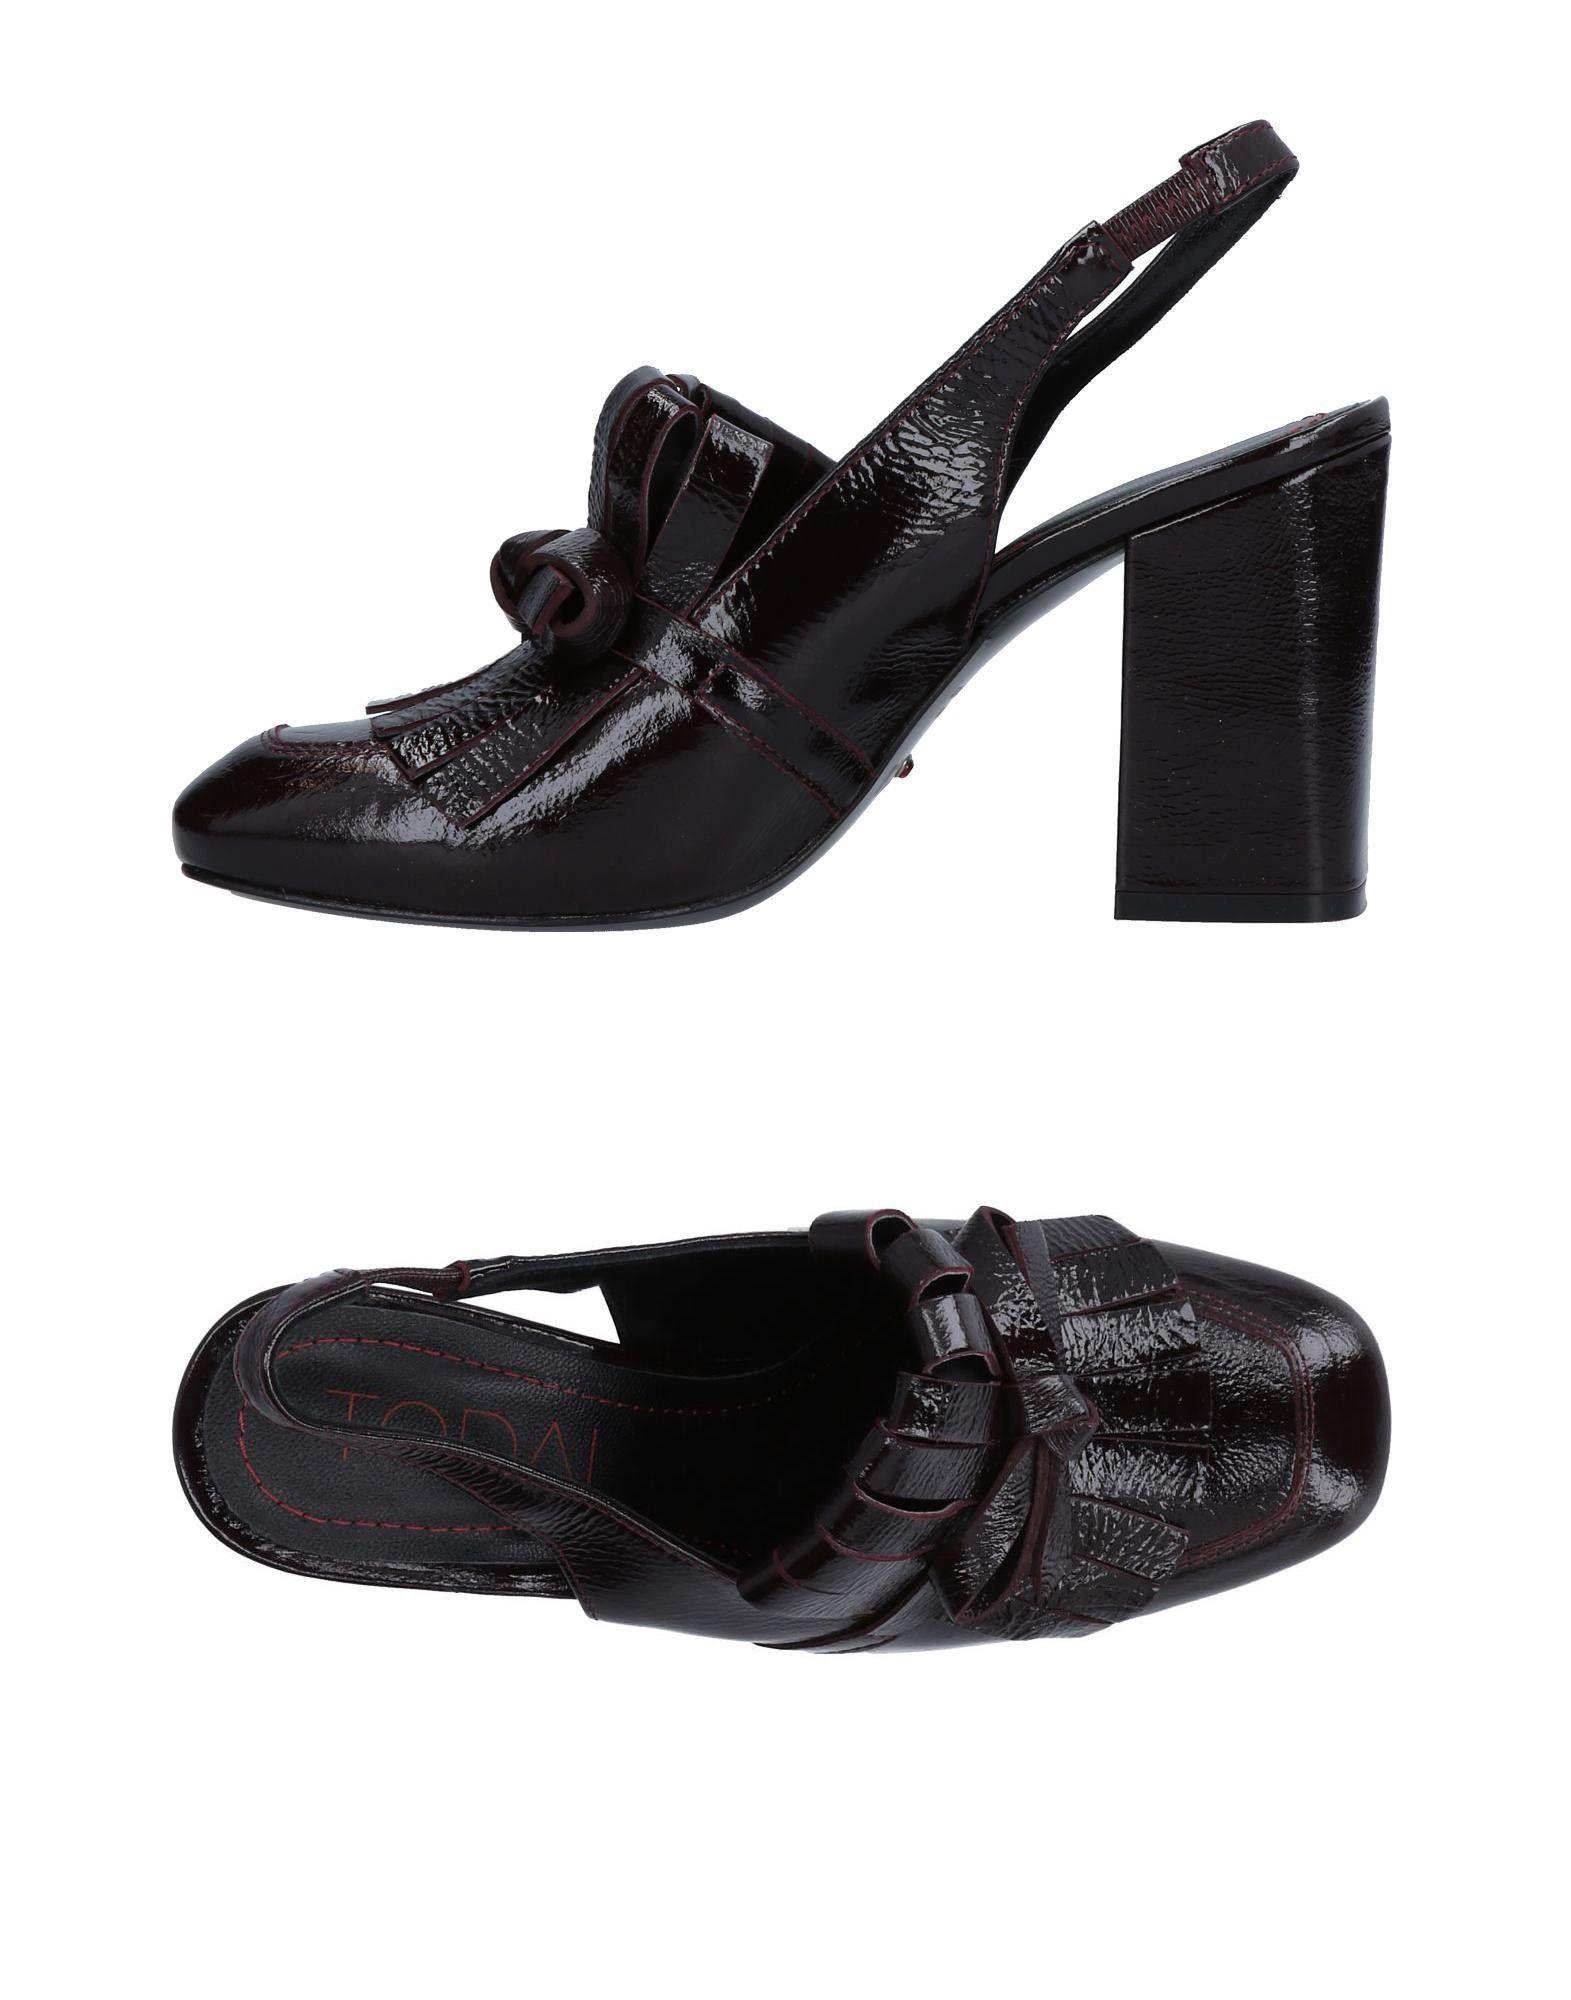 Sandali Vicenza) offerte Donna - 11399303TL Nuove offerte Vicenza) e scarpe comode 7c7826